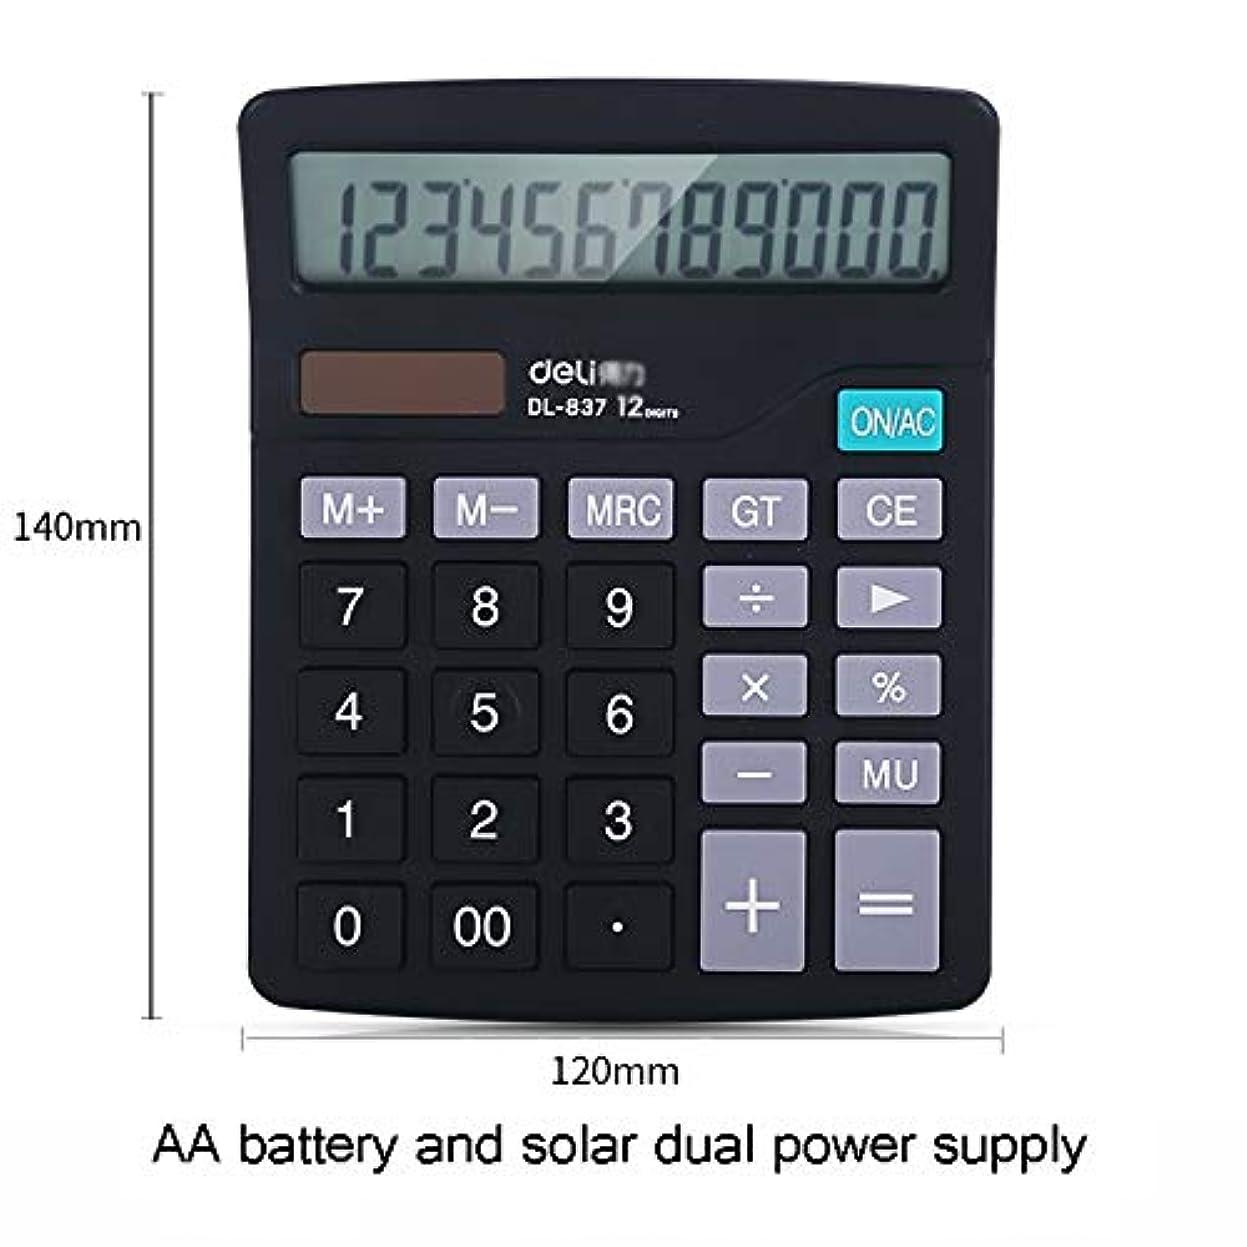 計り知れない美人書き出すデスクトップ計算機 デスクトップ計算機 大型LCDモニター 大型LCDモニター 太陽電池デュアルパワーオフィス計算機 電子計算機 電子計算機 太陽電池デュアルパワーオフィス計算機 J-25 (B)